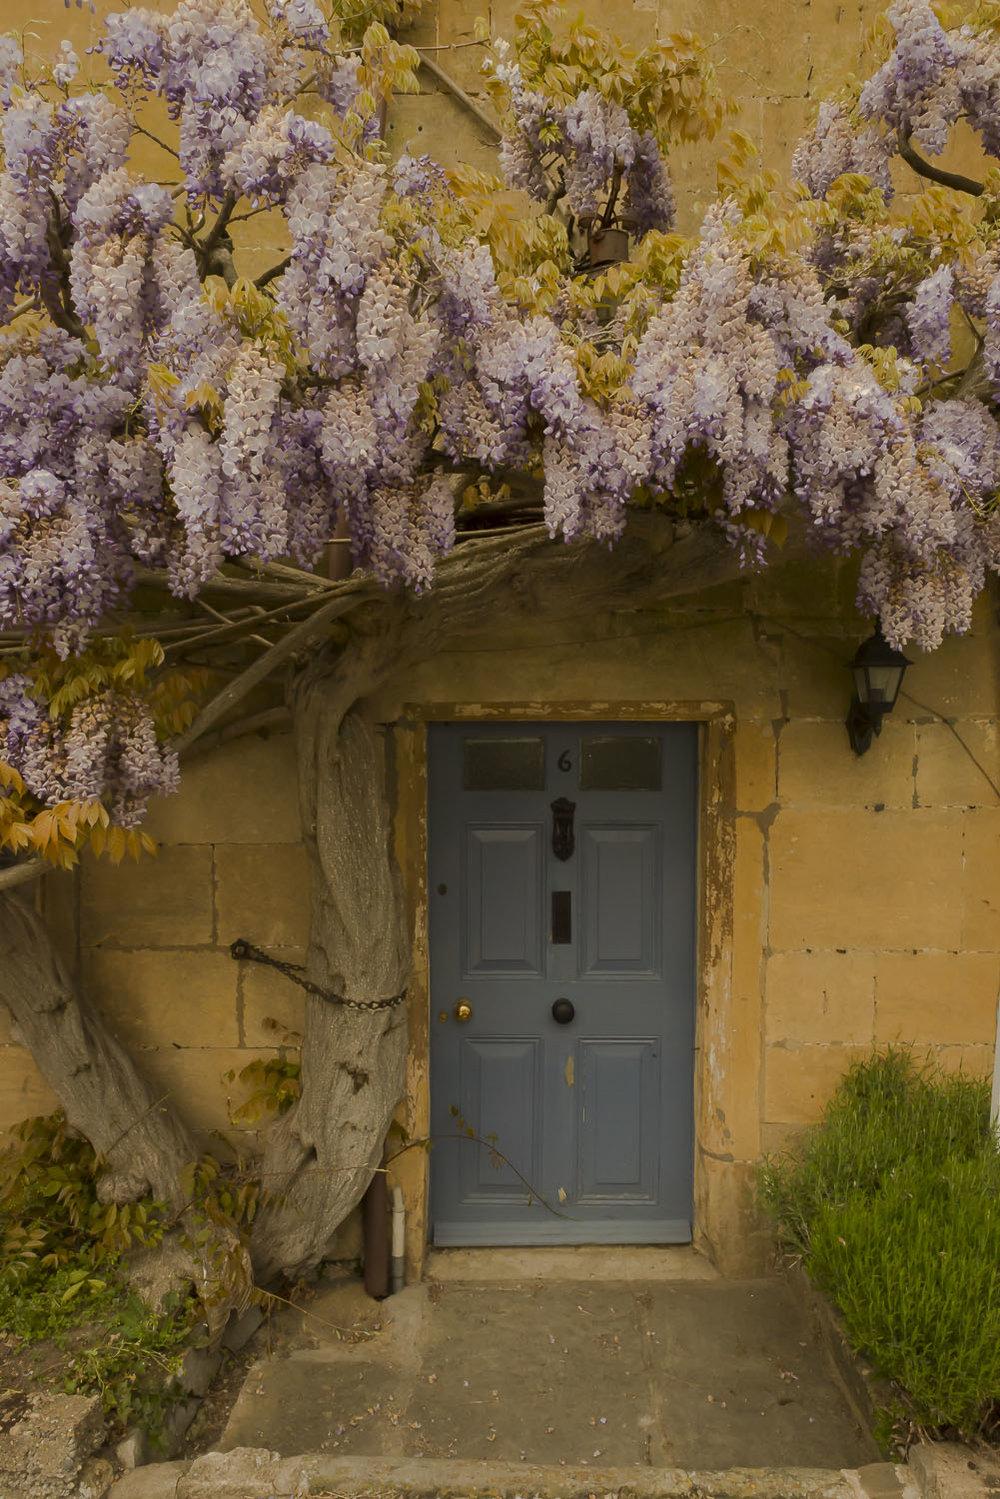 cottage-wisteria-Broadway-Gloucestershire-Jo-Kearney-photos-landscape-photography-video-landscapes.jpg